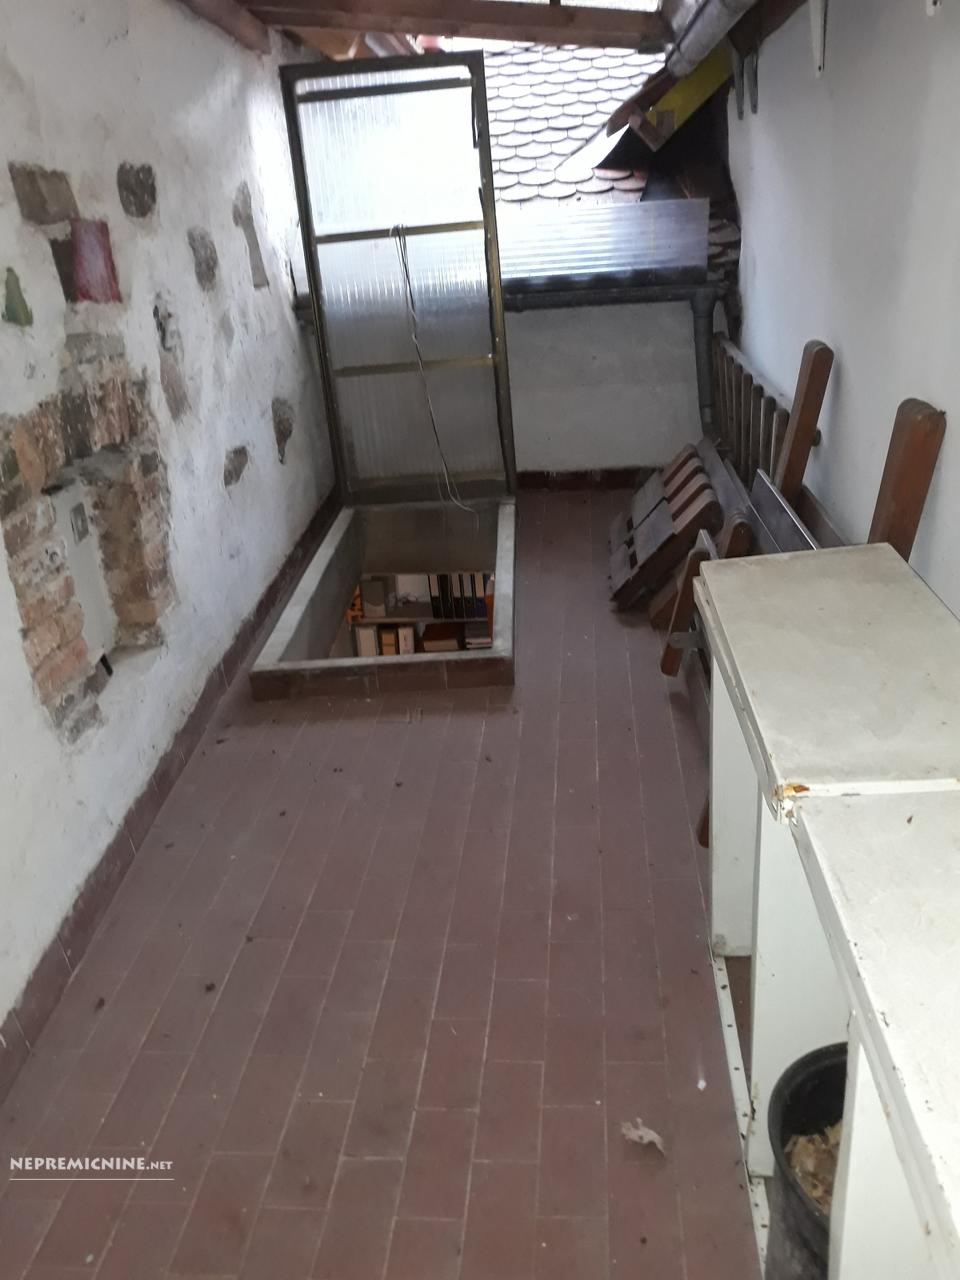 Prodaja, stanovanje - LJ. CENTER, MESTNI TRG 14